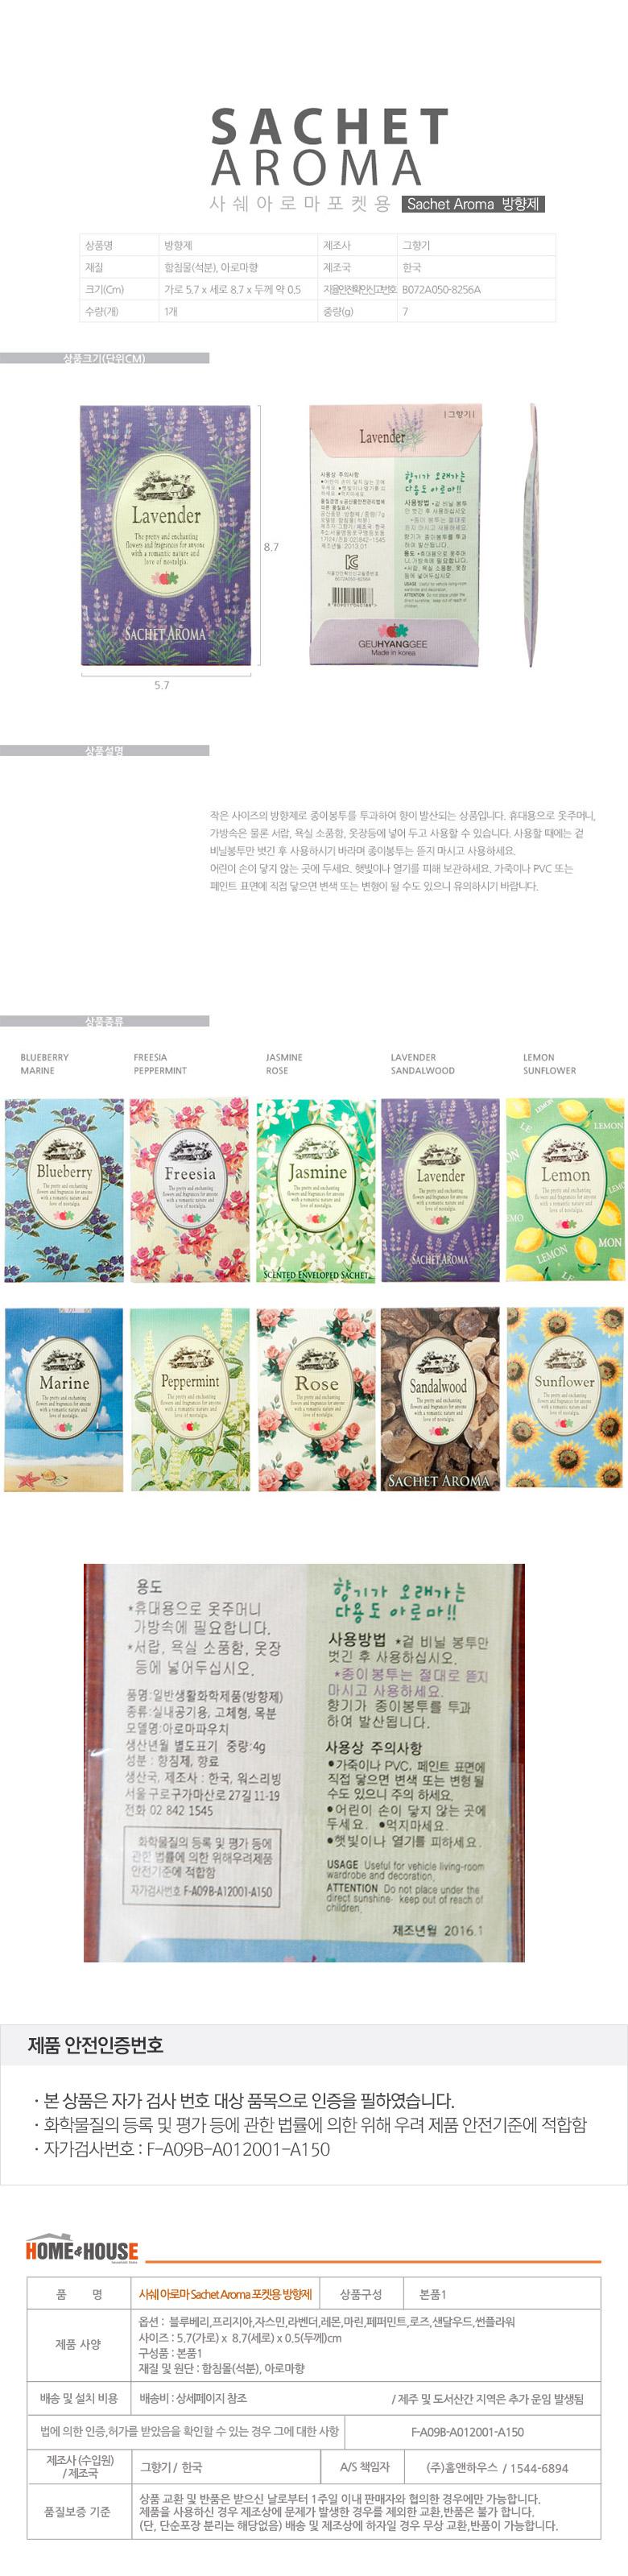 사쉐 아로마 Sachet Aroma 포켓용 방향제 - 홈앤하우스, 1,100원, 방향제, 포푸리/방향제